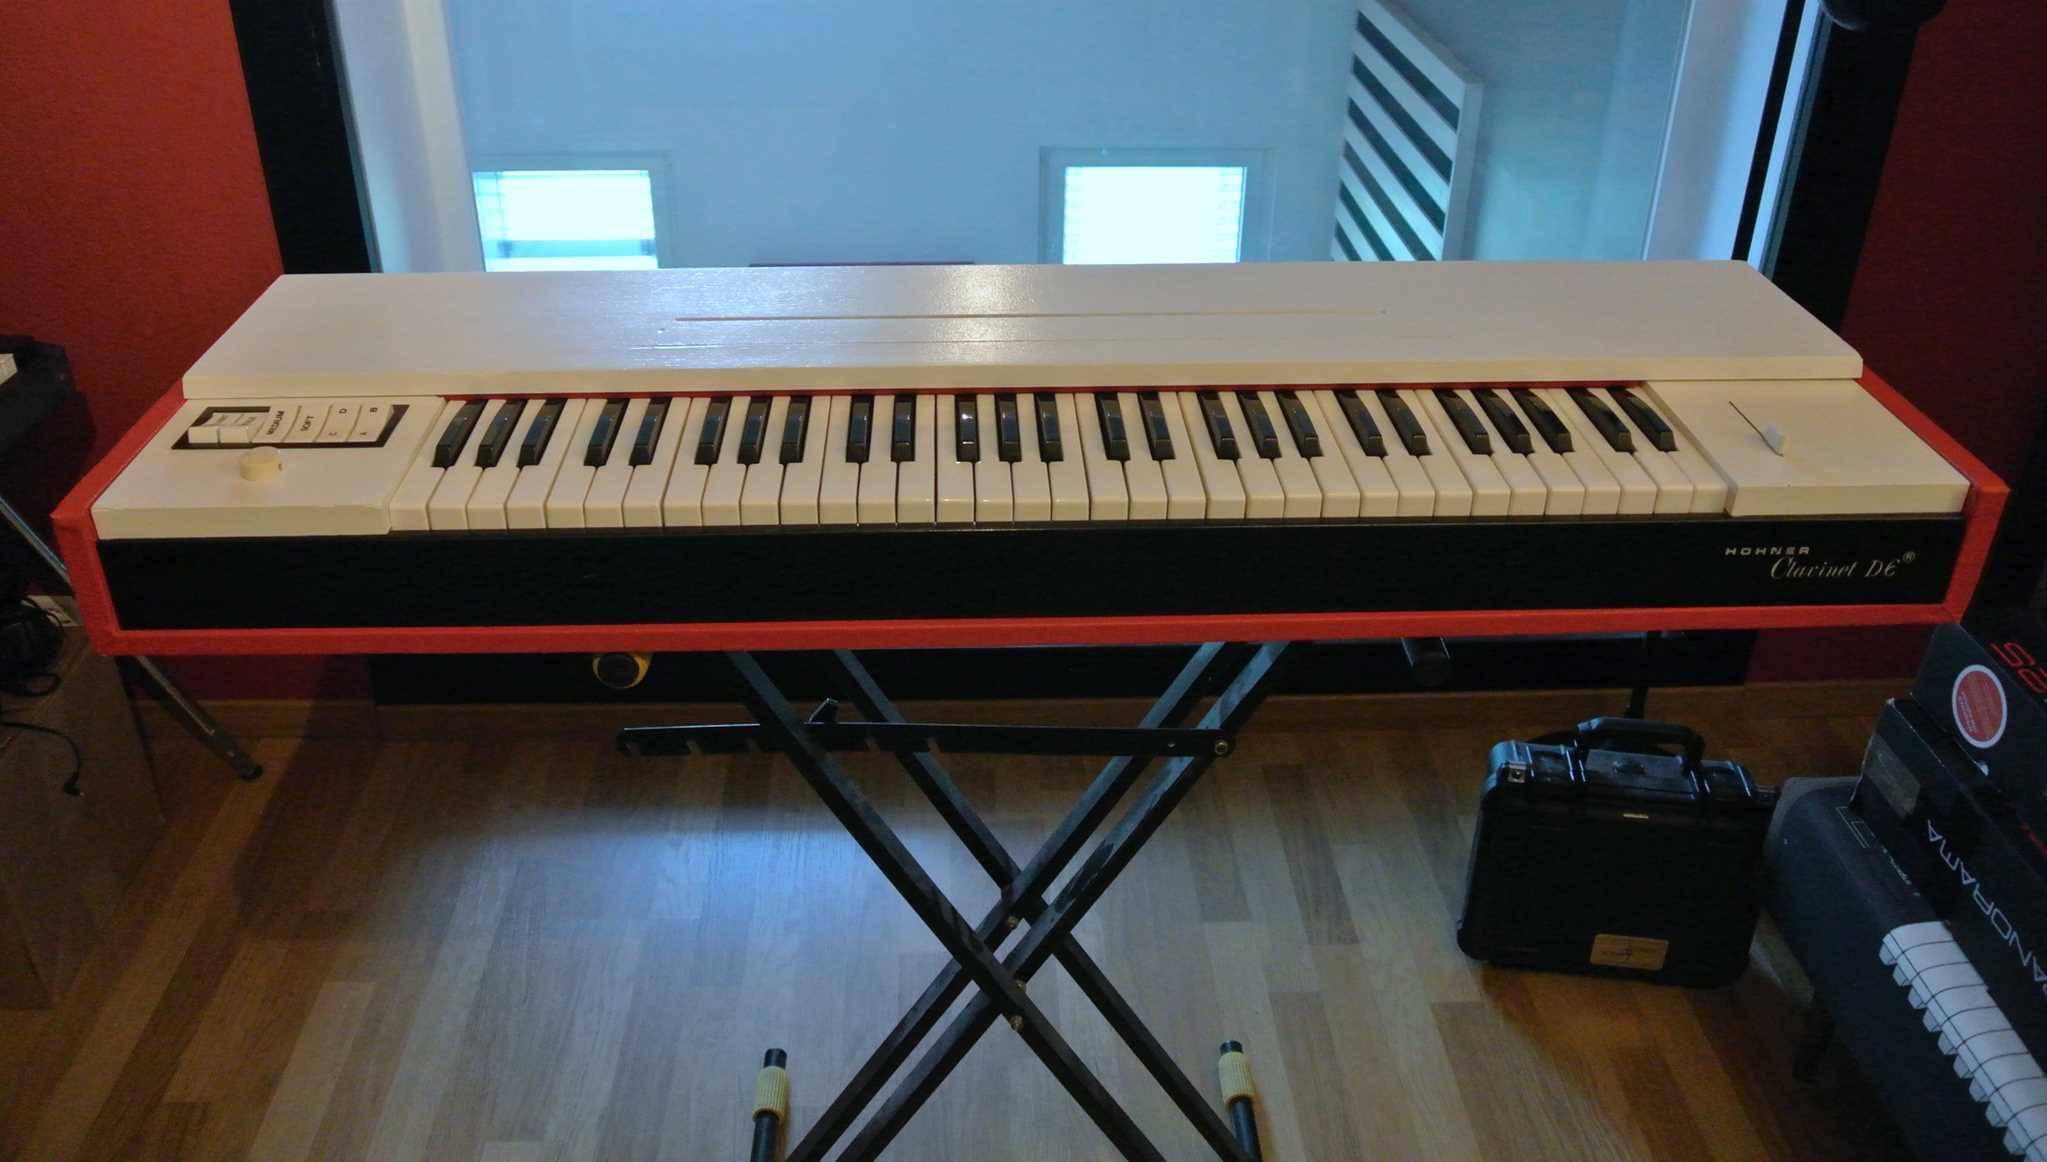 hohner clavinet d6 image 1889799 audiofanzine. Black Bedroom Furniture Sets. Home Design Ideas